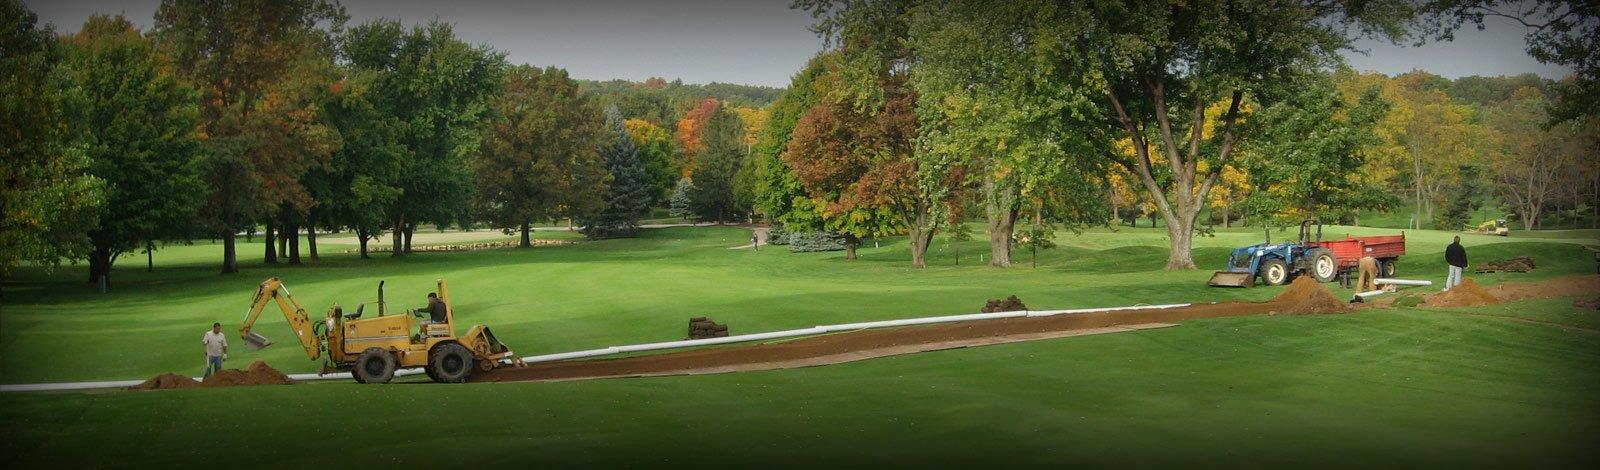 golf-banner3-elcona